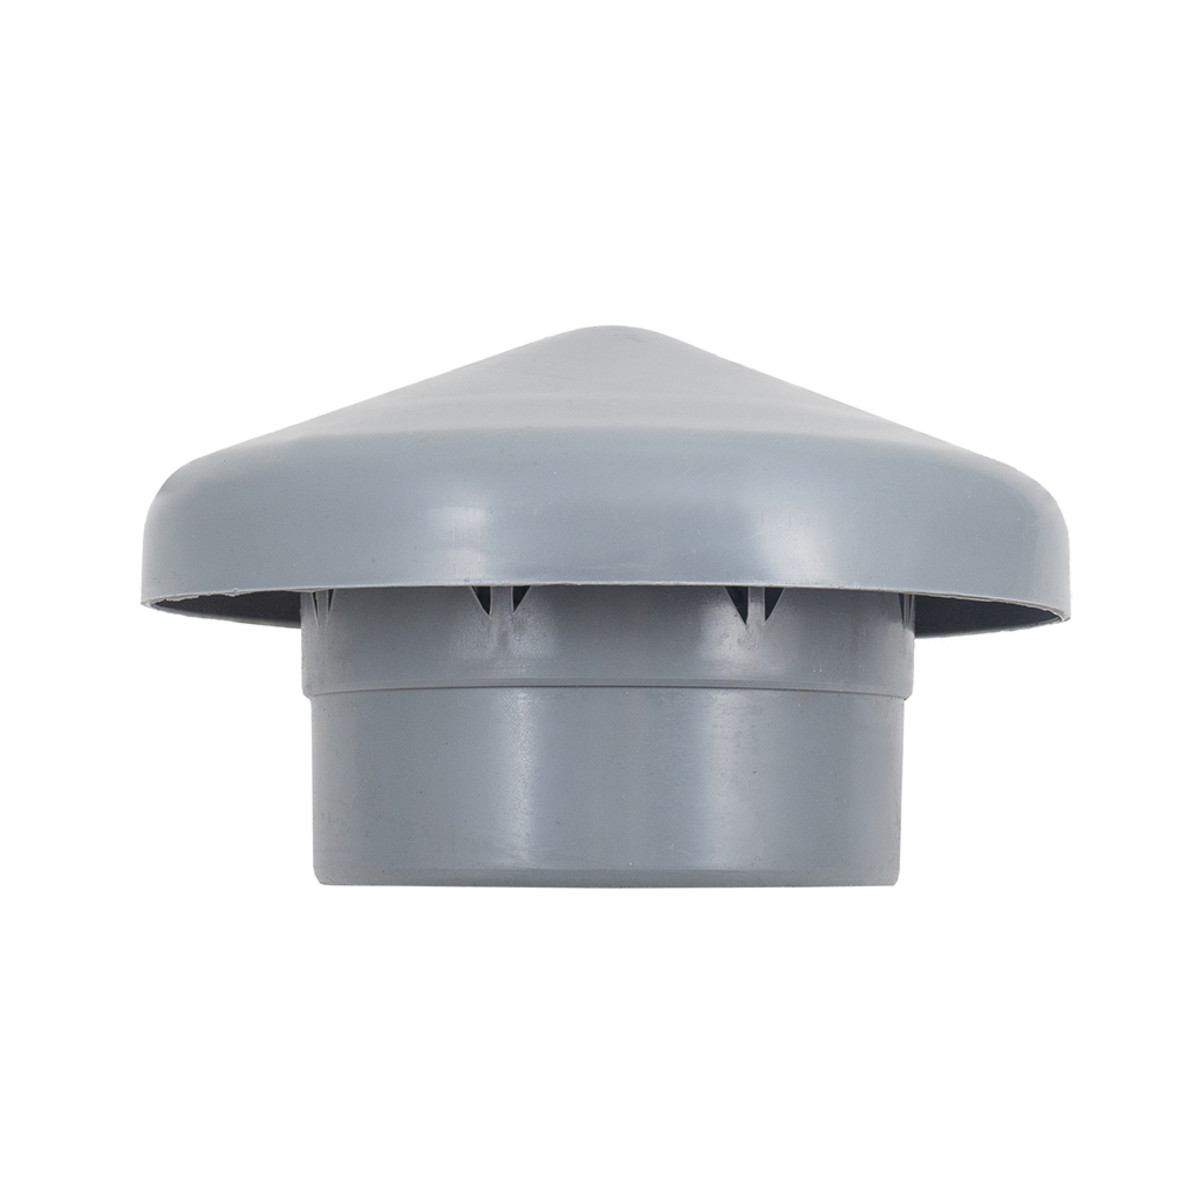 Грибок канализационный Ø 110 мм полипропилен